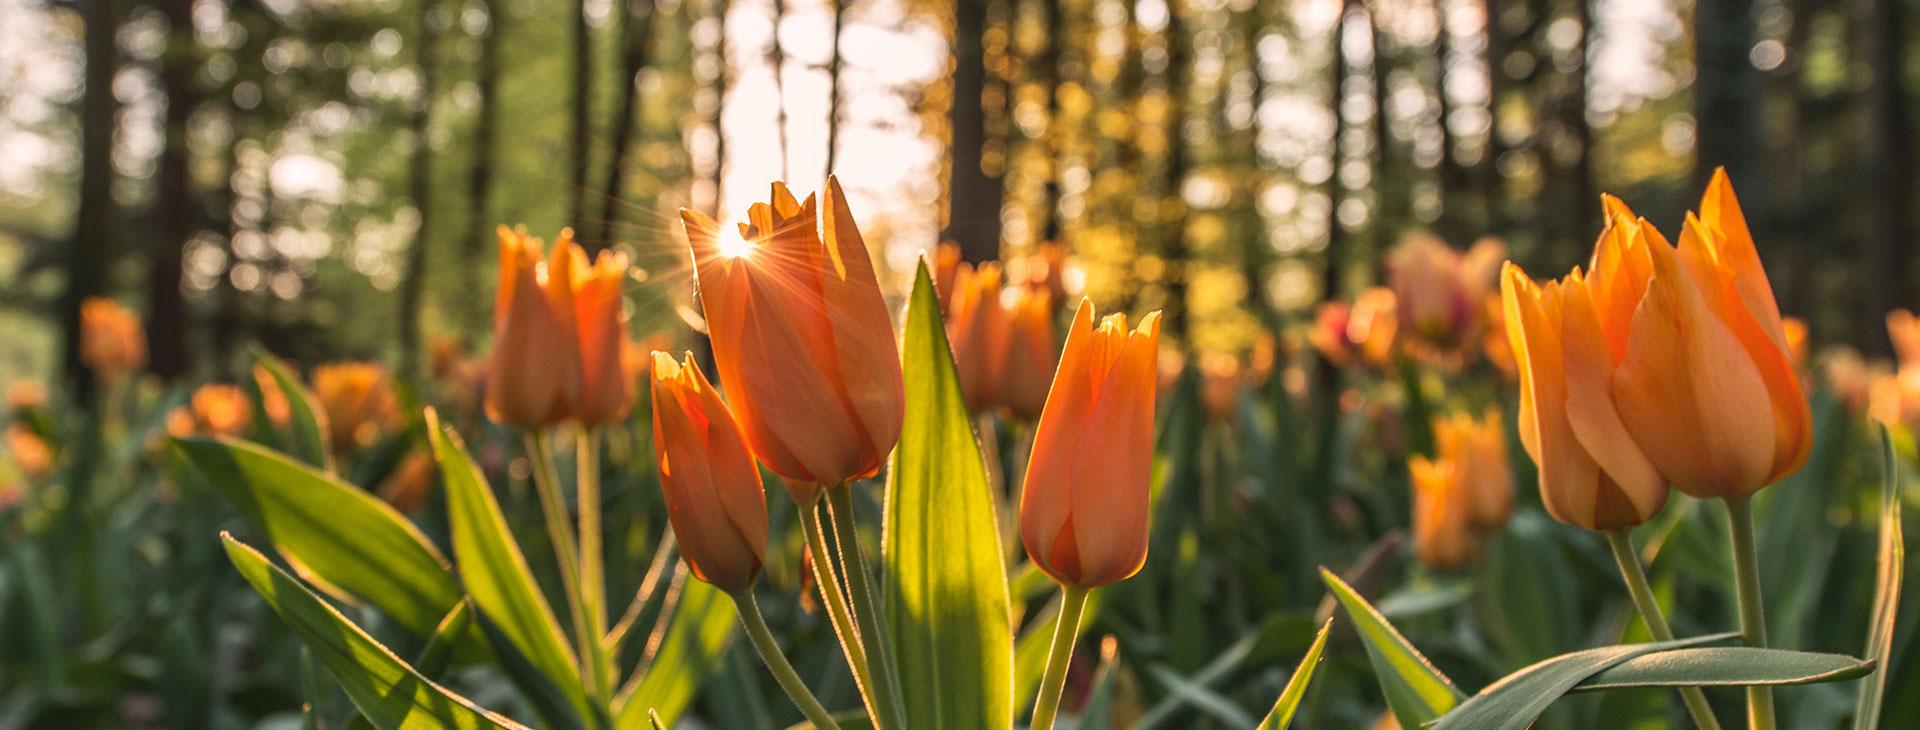 Slie_Flower1